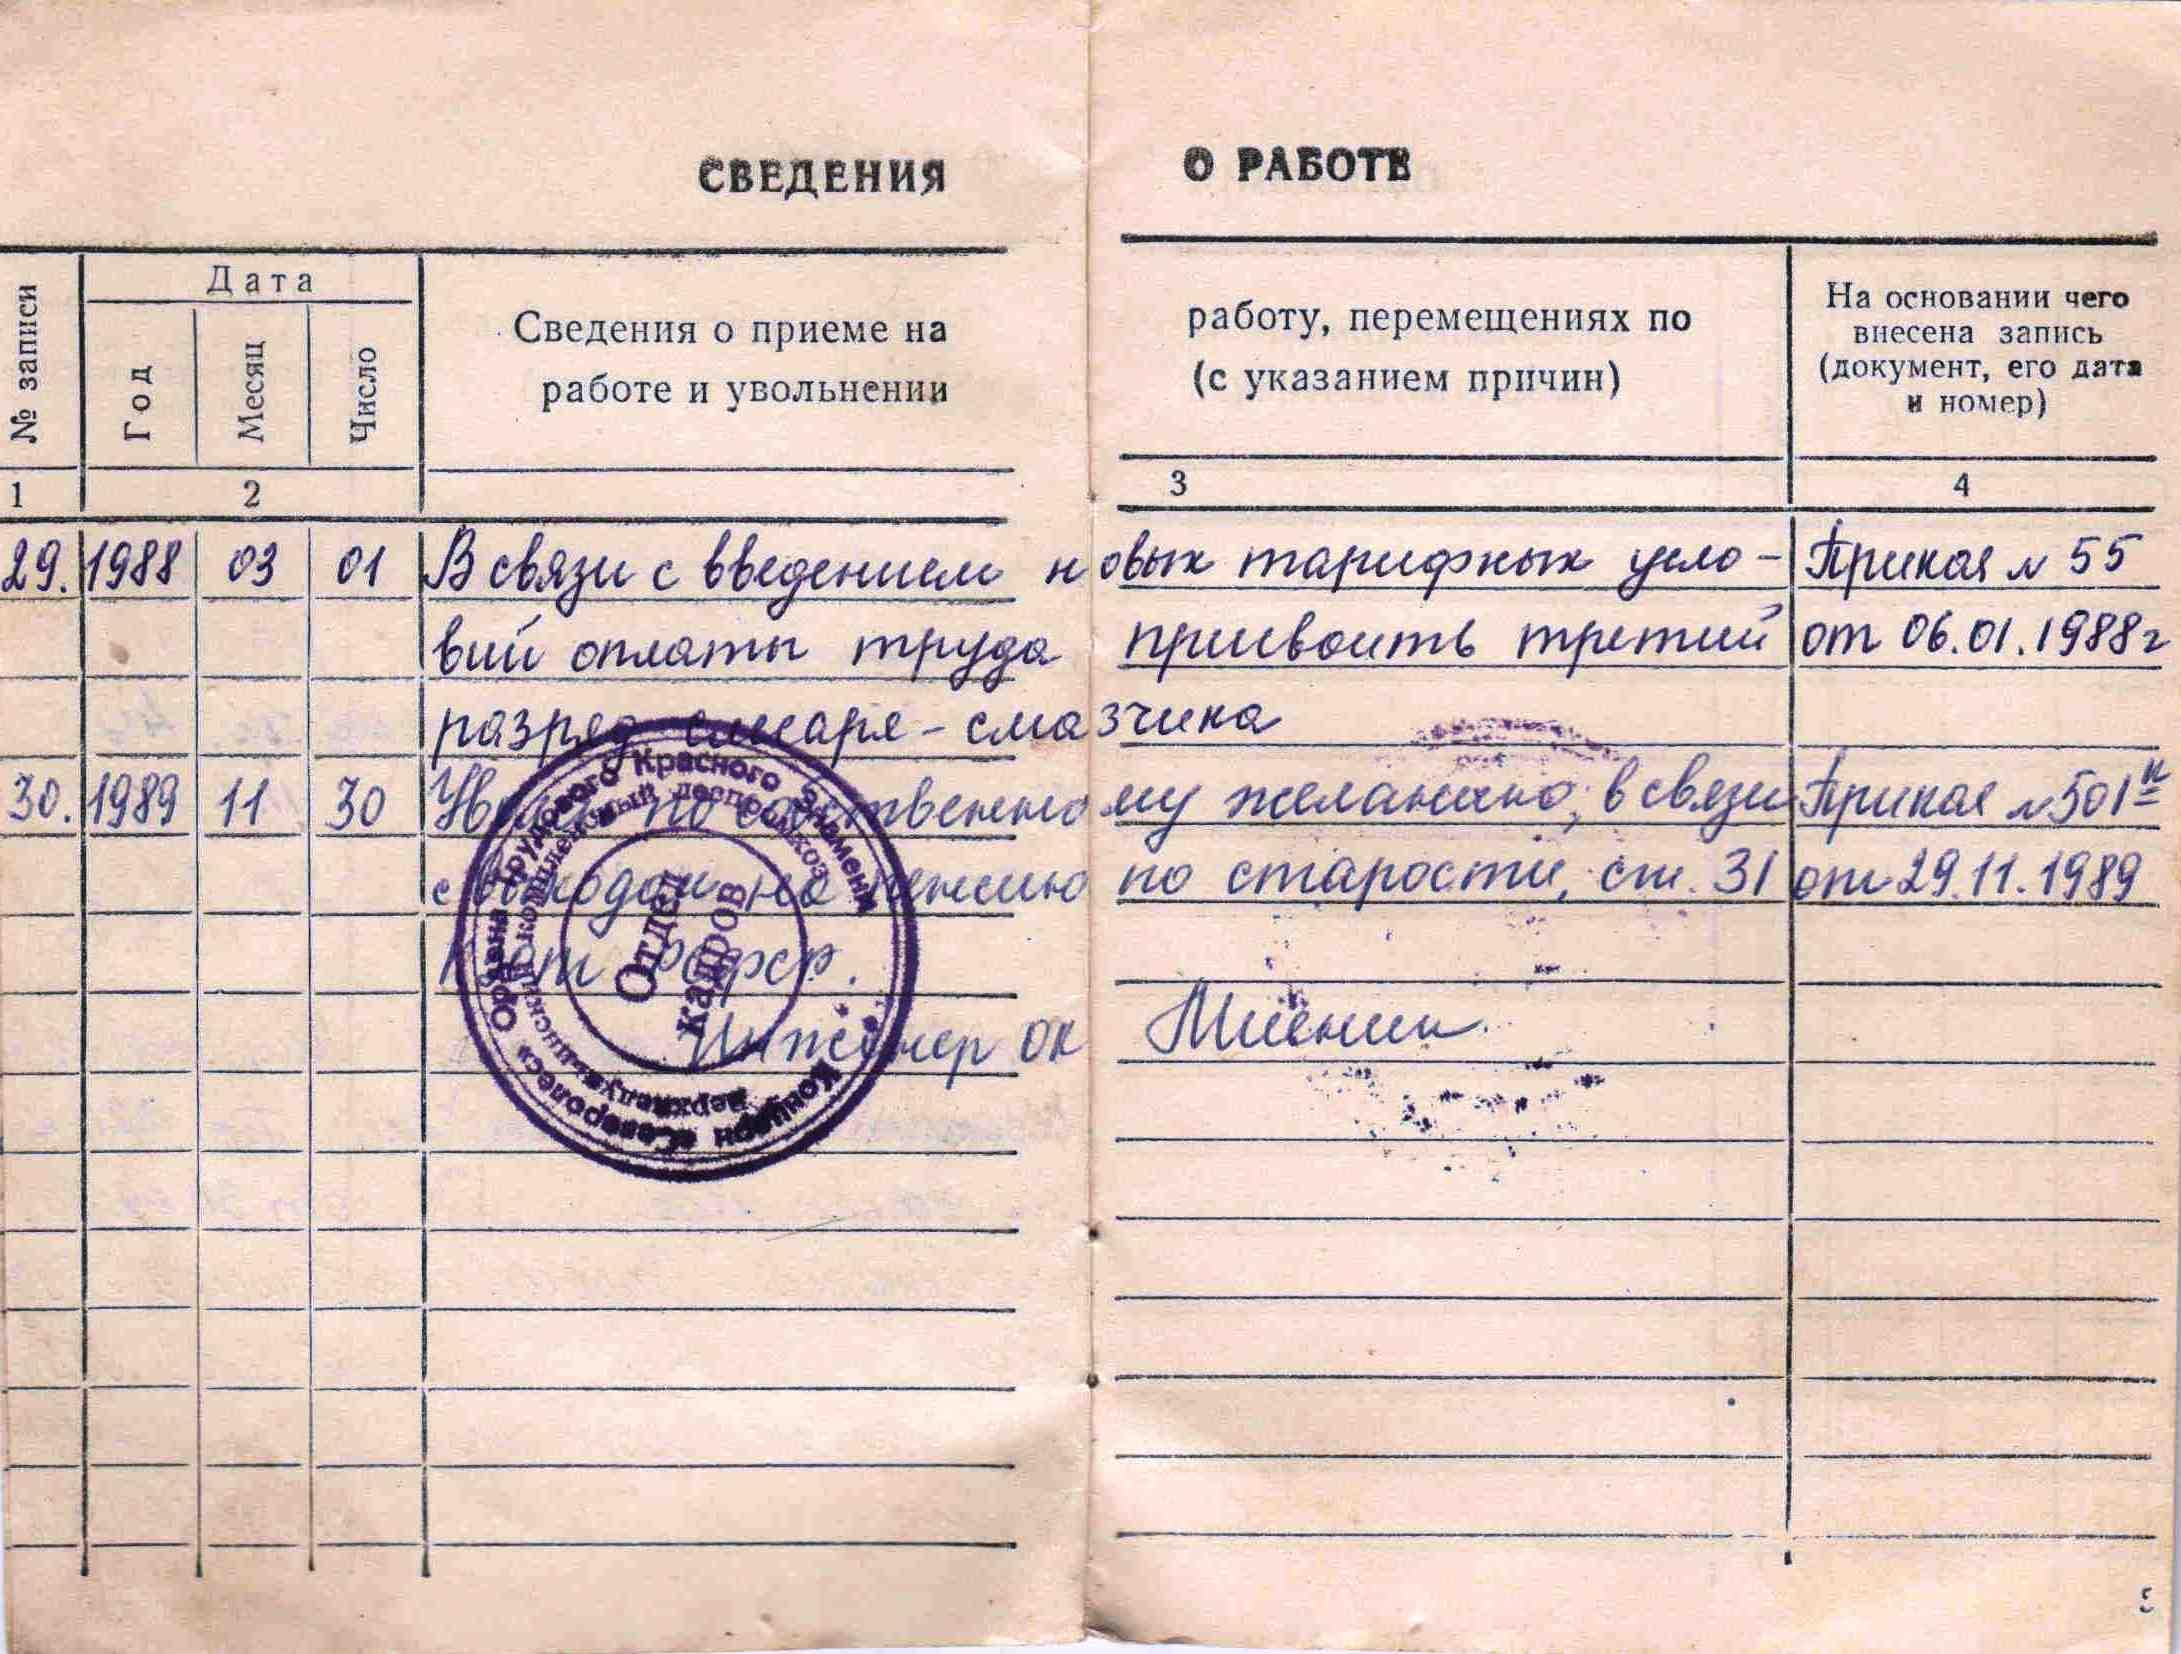 10. Трудовая книжка, 1954г.